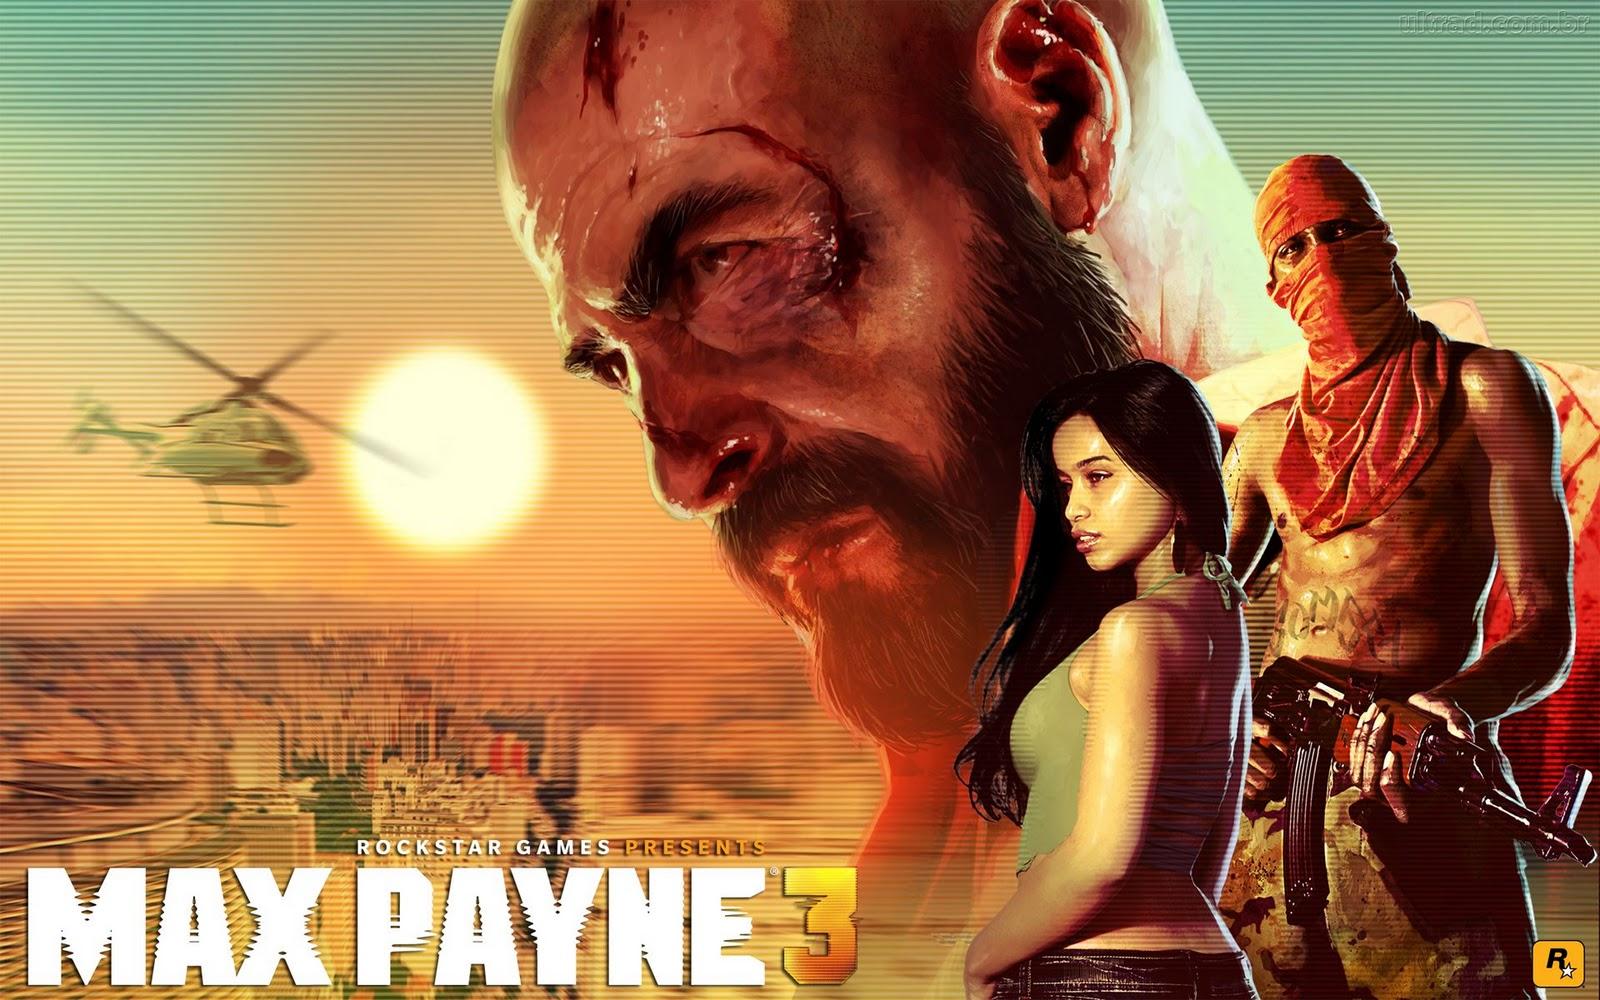 http://4.bp.blogspot.com/-FwDwtPSEayU/Ts-brjR2OrI/AAAAAAAAAaU/jixXa3syBbQ/s1600/275677_Papel-de-Parede-Jogo-Max-Payne-3_1920x1200.jpg